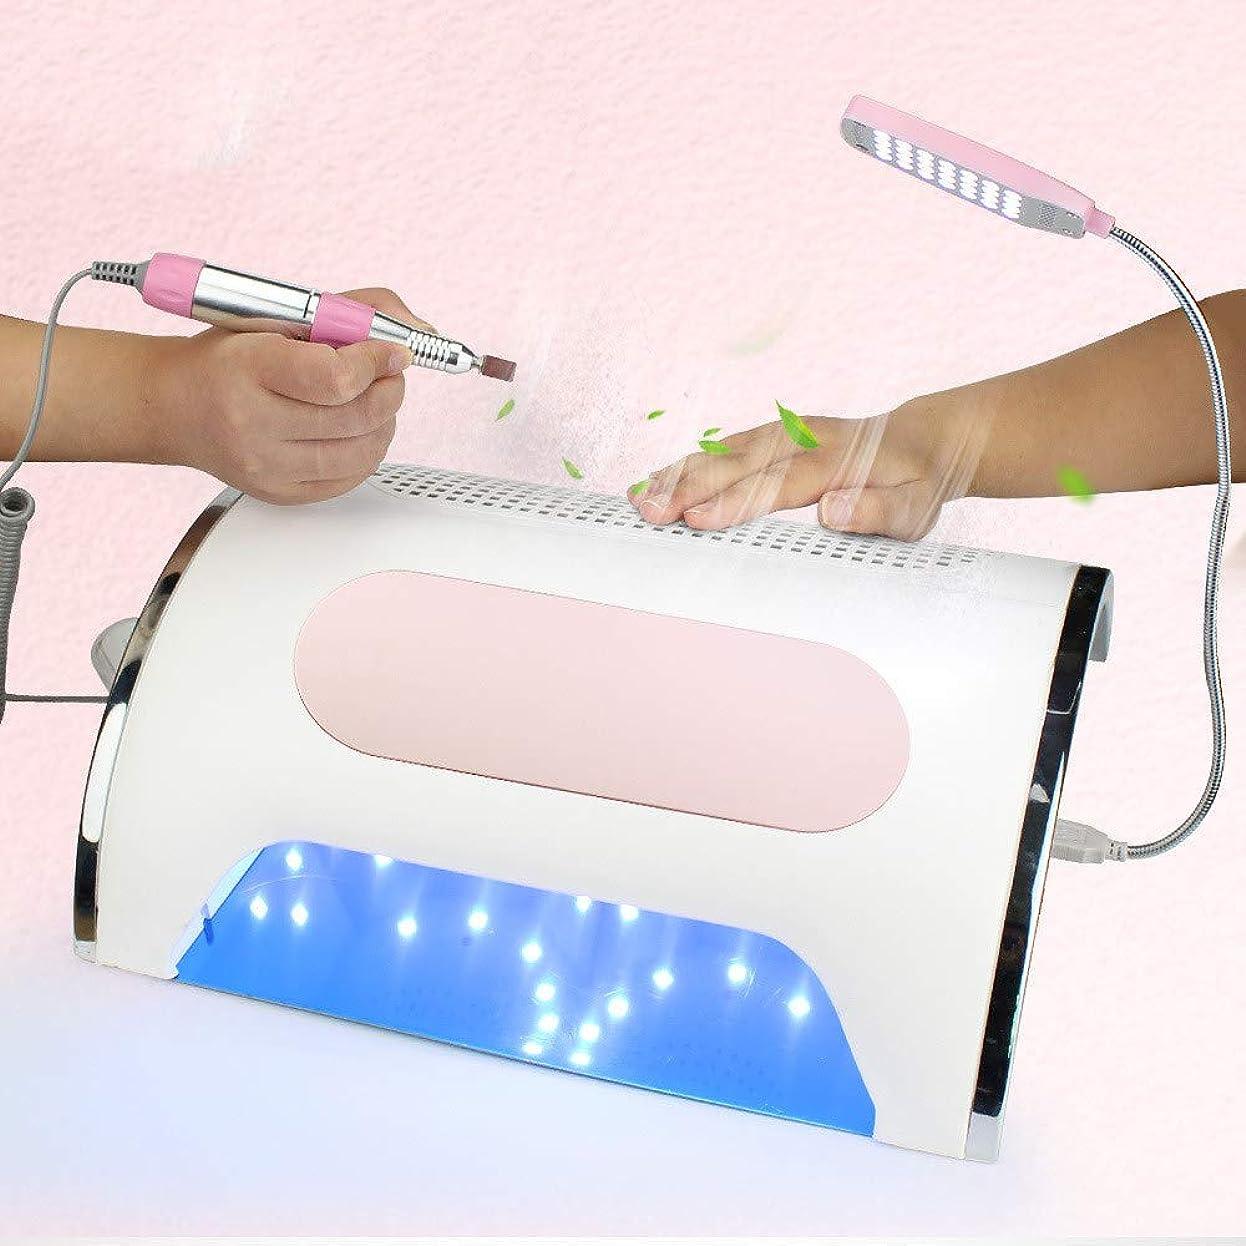 プレゼント容疑者宿題をする72 W 3 in 1多機能マニキュアアートツール、ネイルドライヤー、電動ネイルドリルマシン、LED照明機能付きジェルポーランドサロン家庭用,Pink